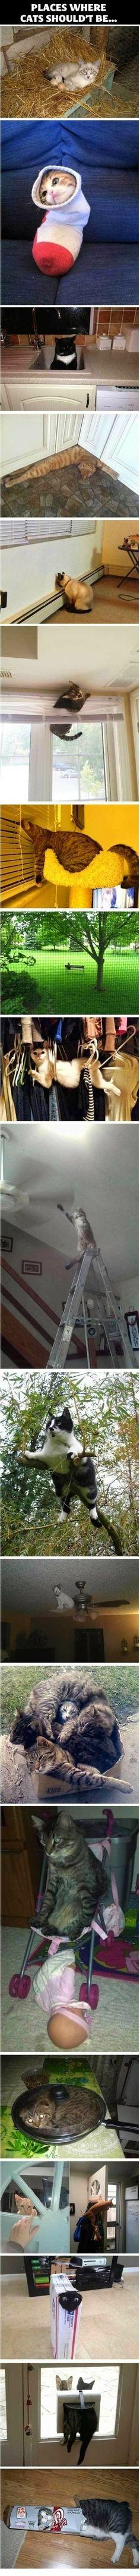 best the roommate images on pinterest roommate animal kingdom